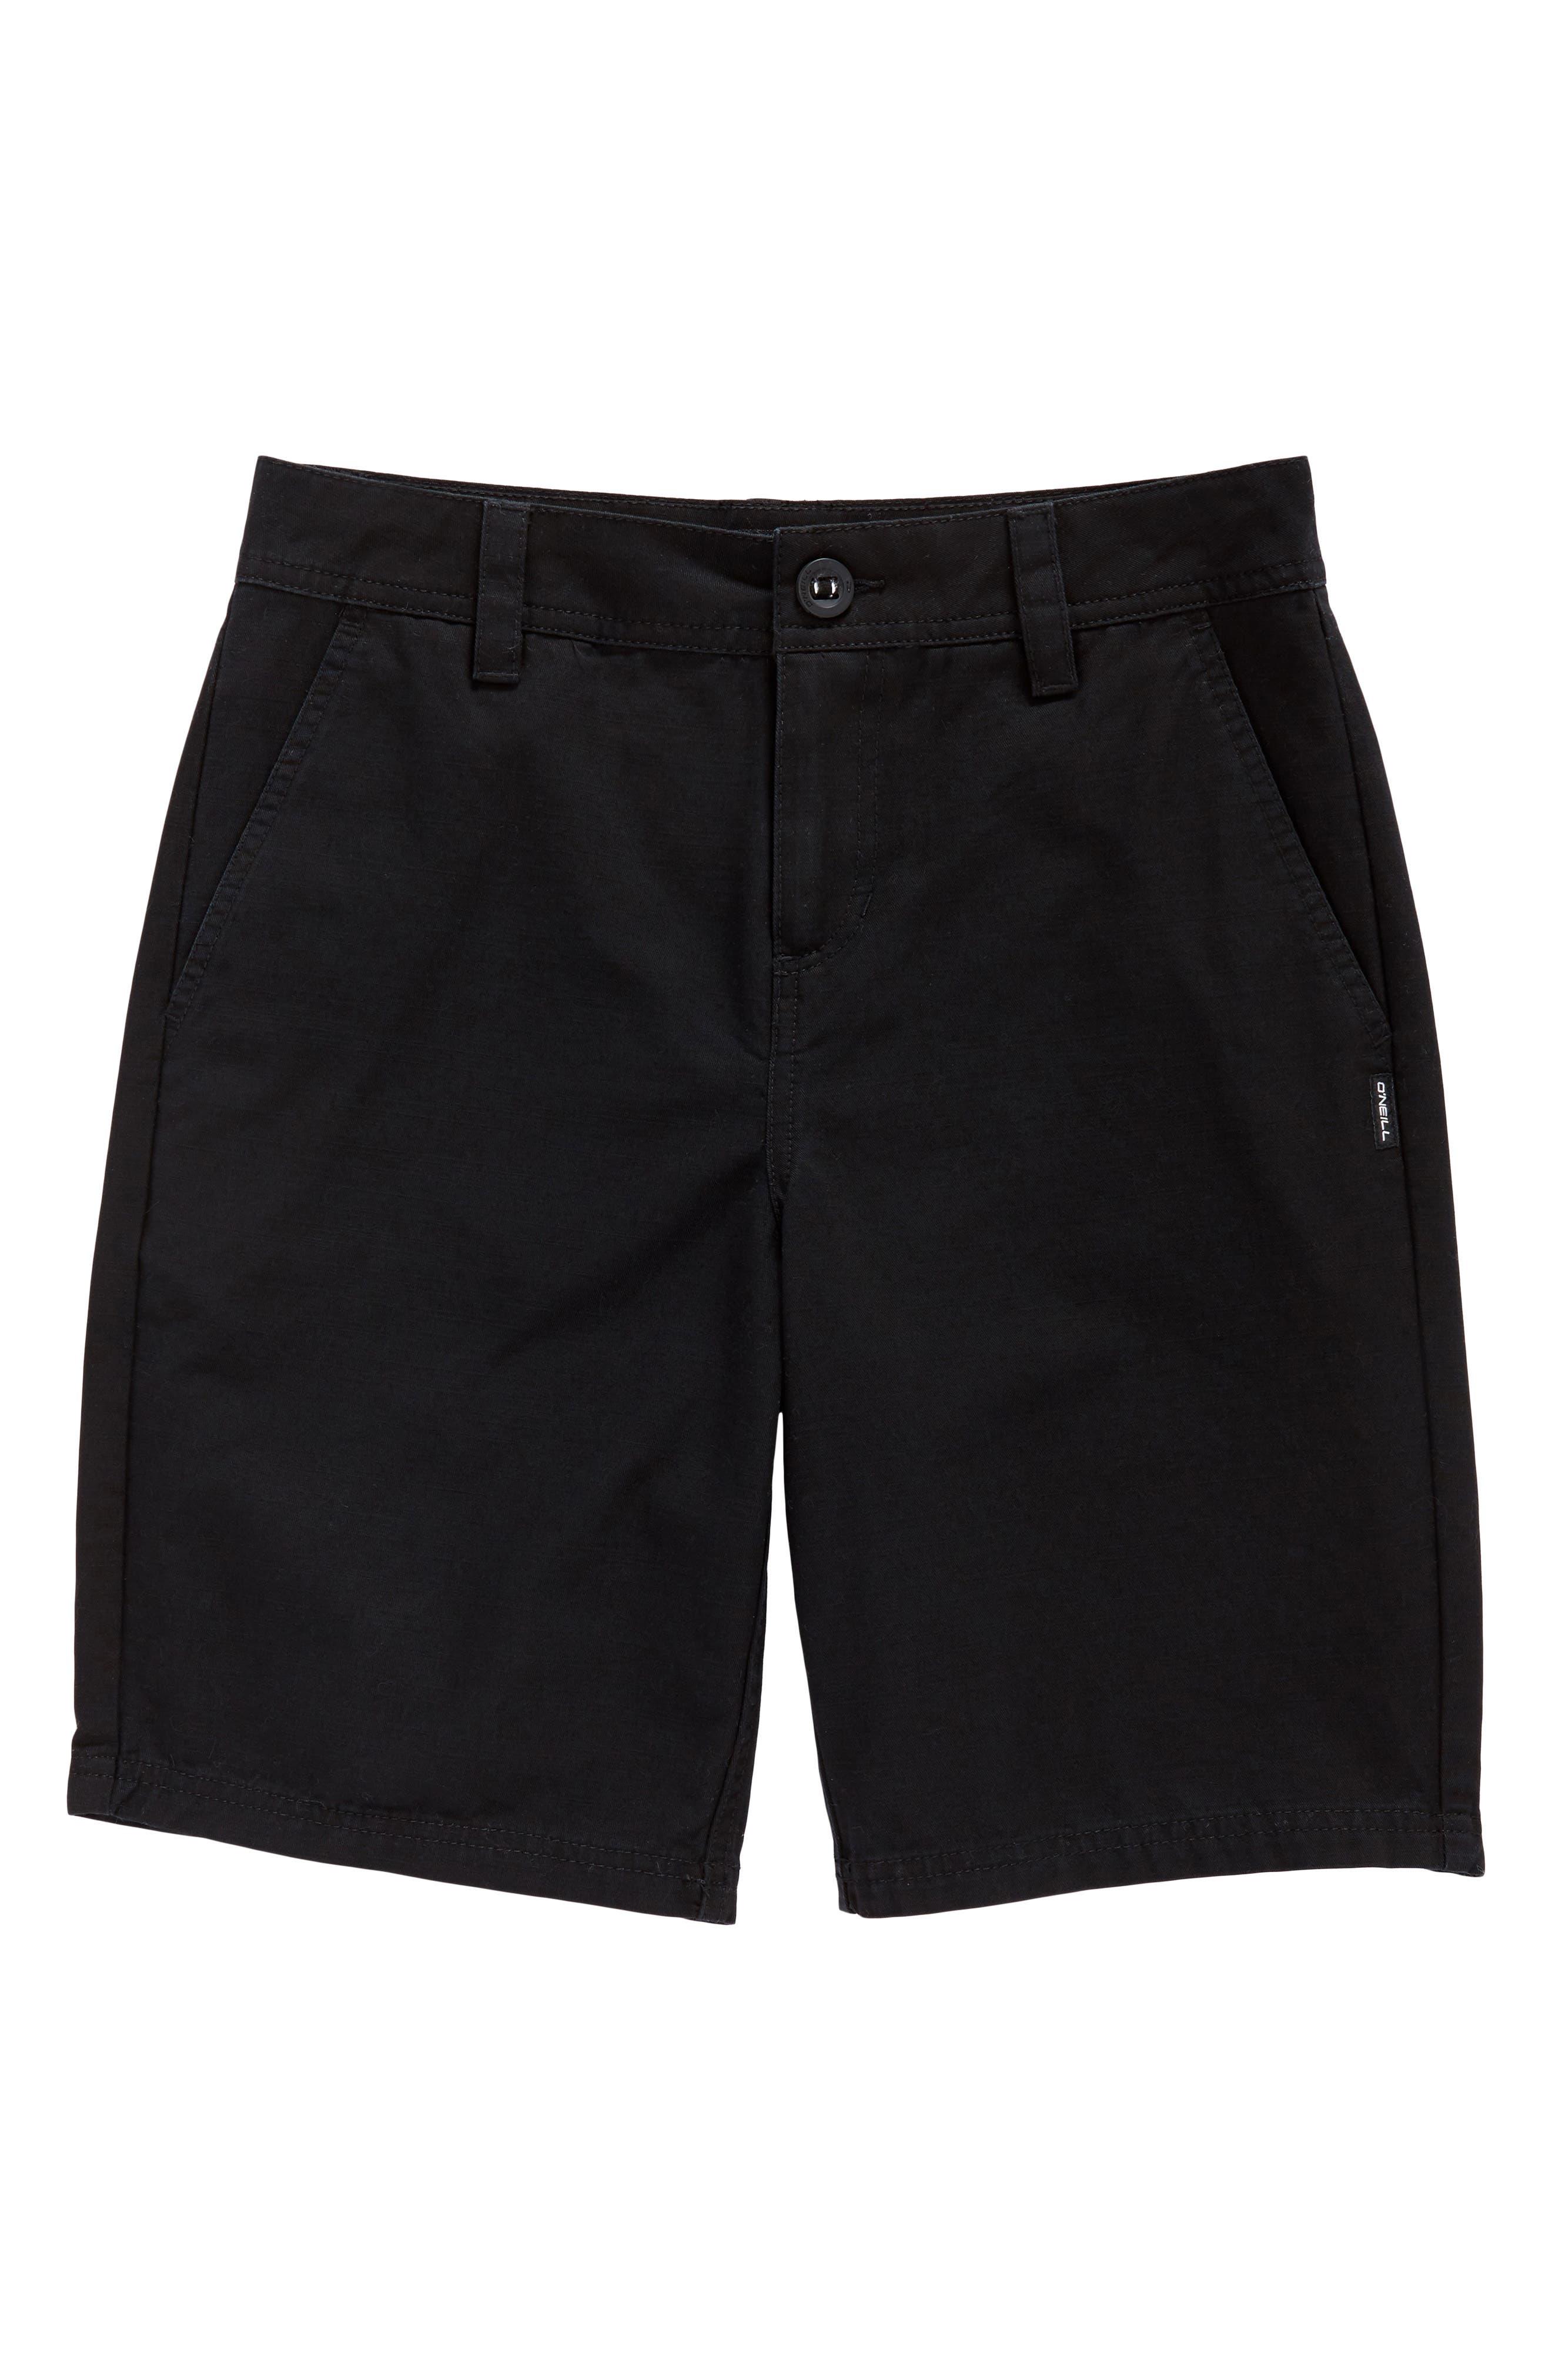 Jay Chino Shorts,                         Main,                         color, Black